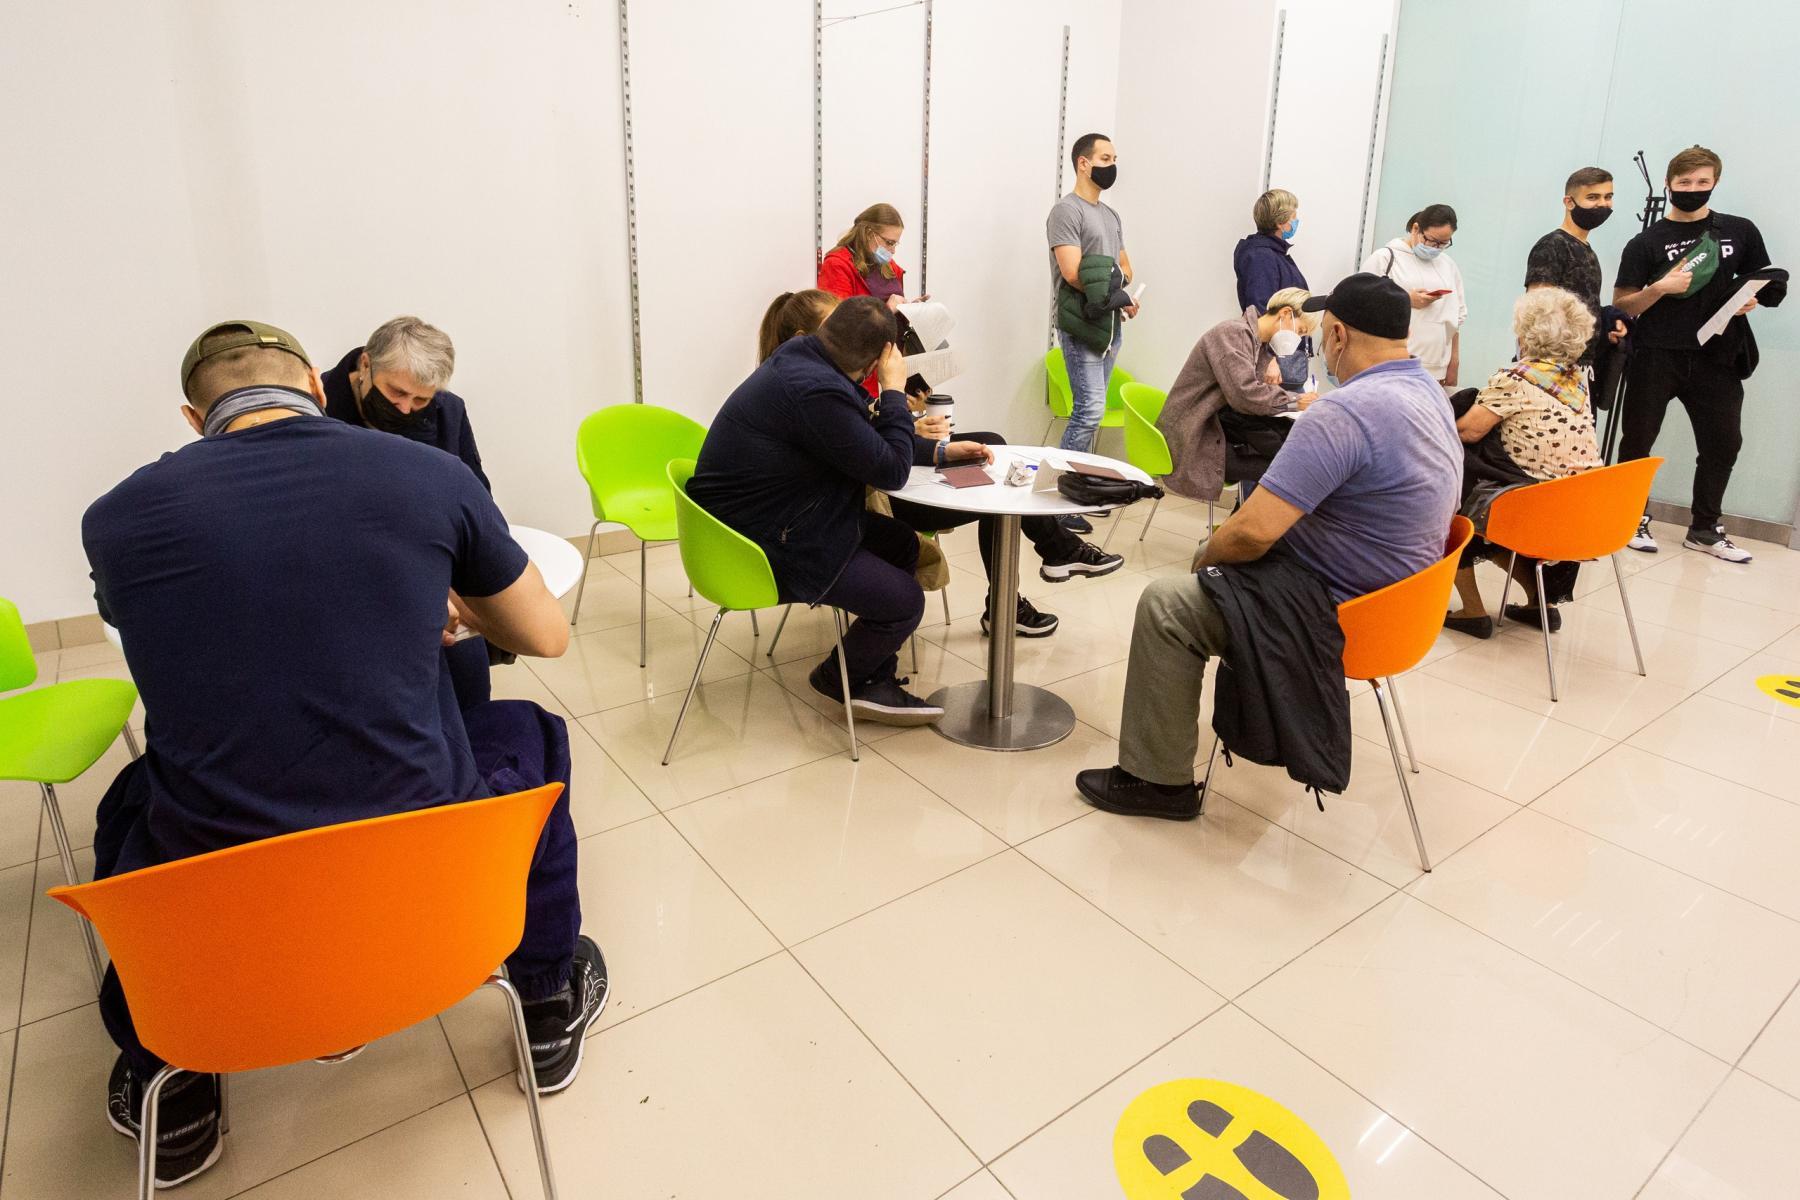 Фото В Новосибирске мобильные пункты вакцинации заполнили десятки людей: 5 мнений из очереди о том, почему нужно прививаться 4